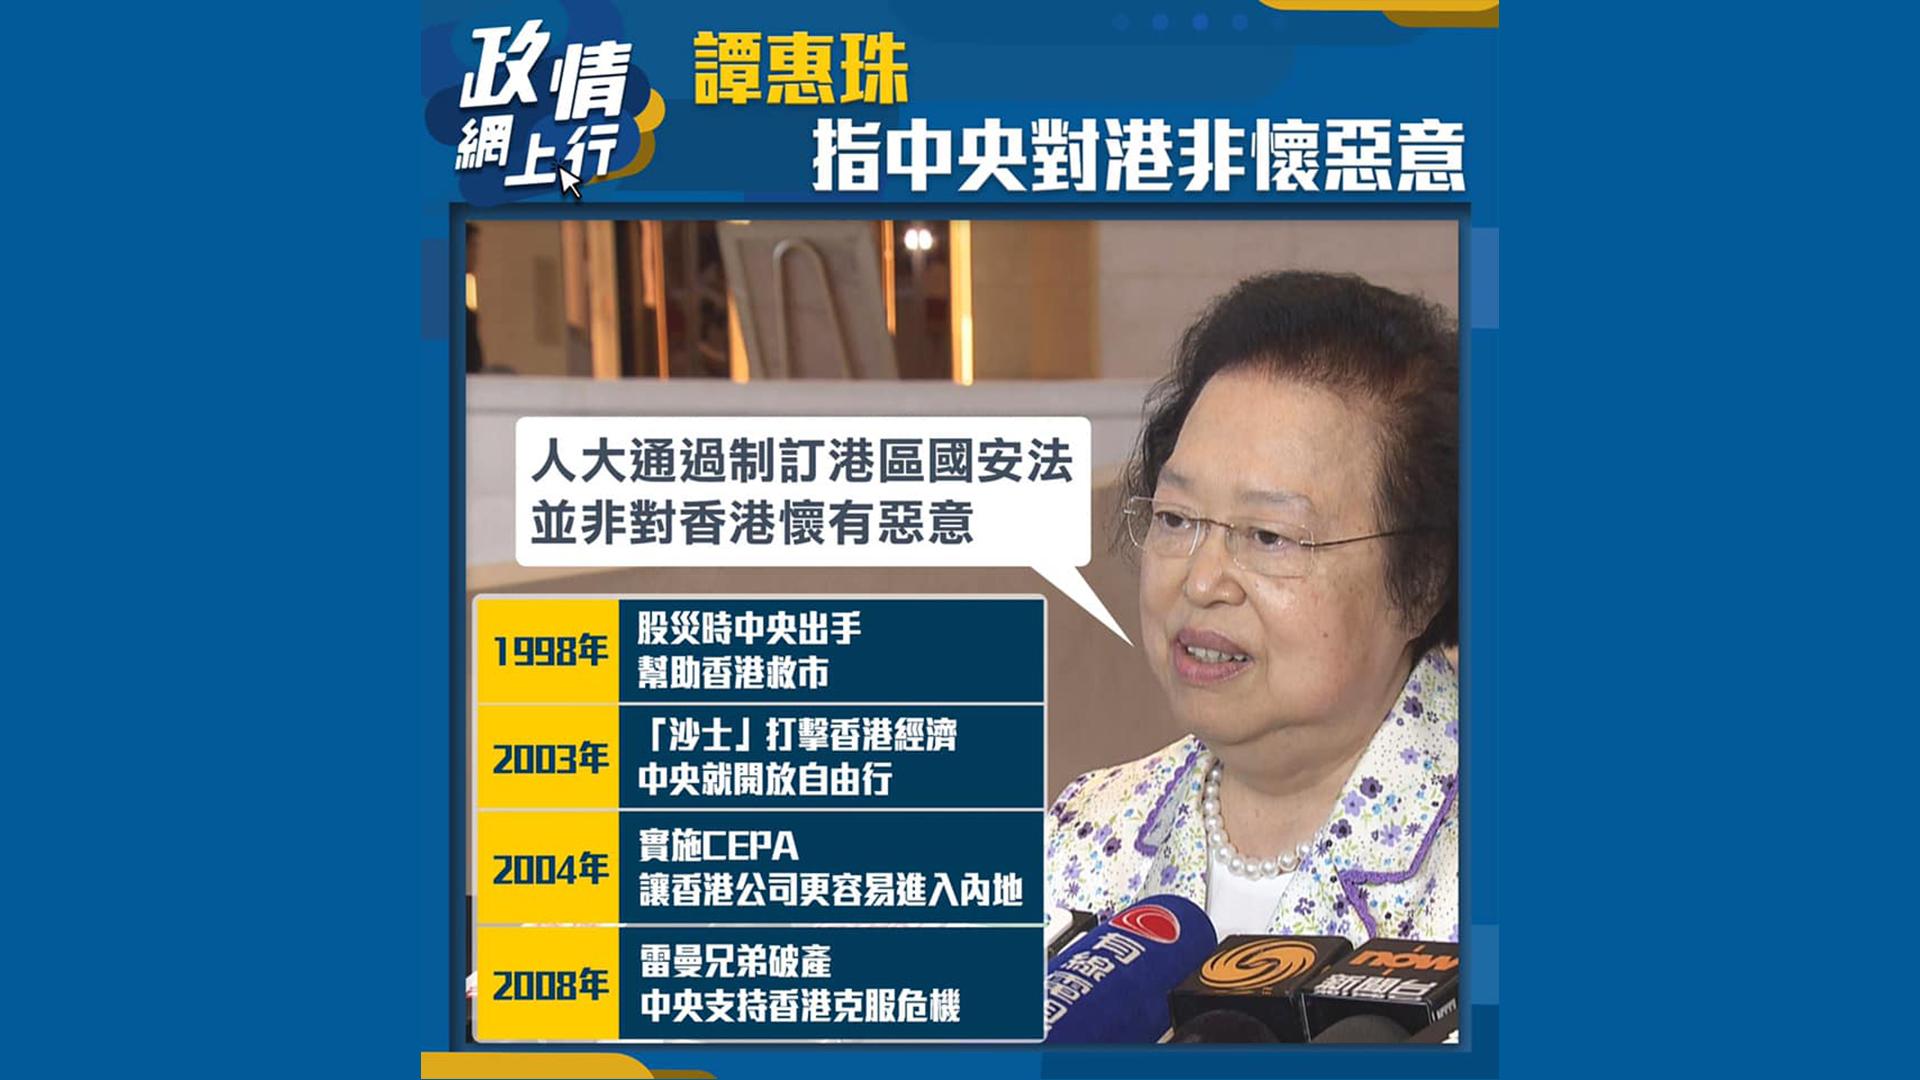 【政情網上行】譚惠珠指中央對港非懷惡意